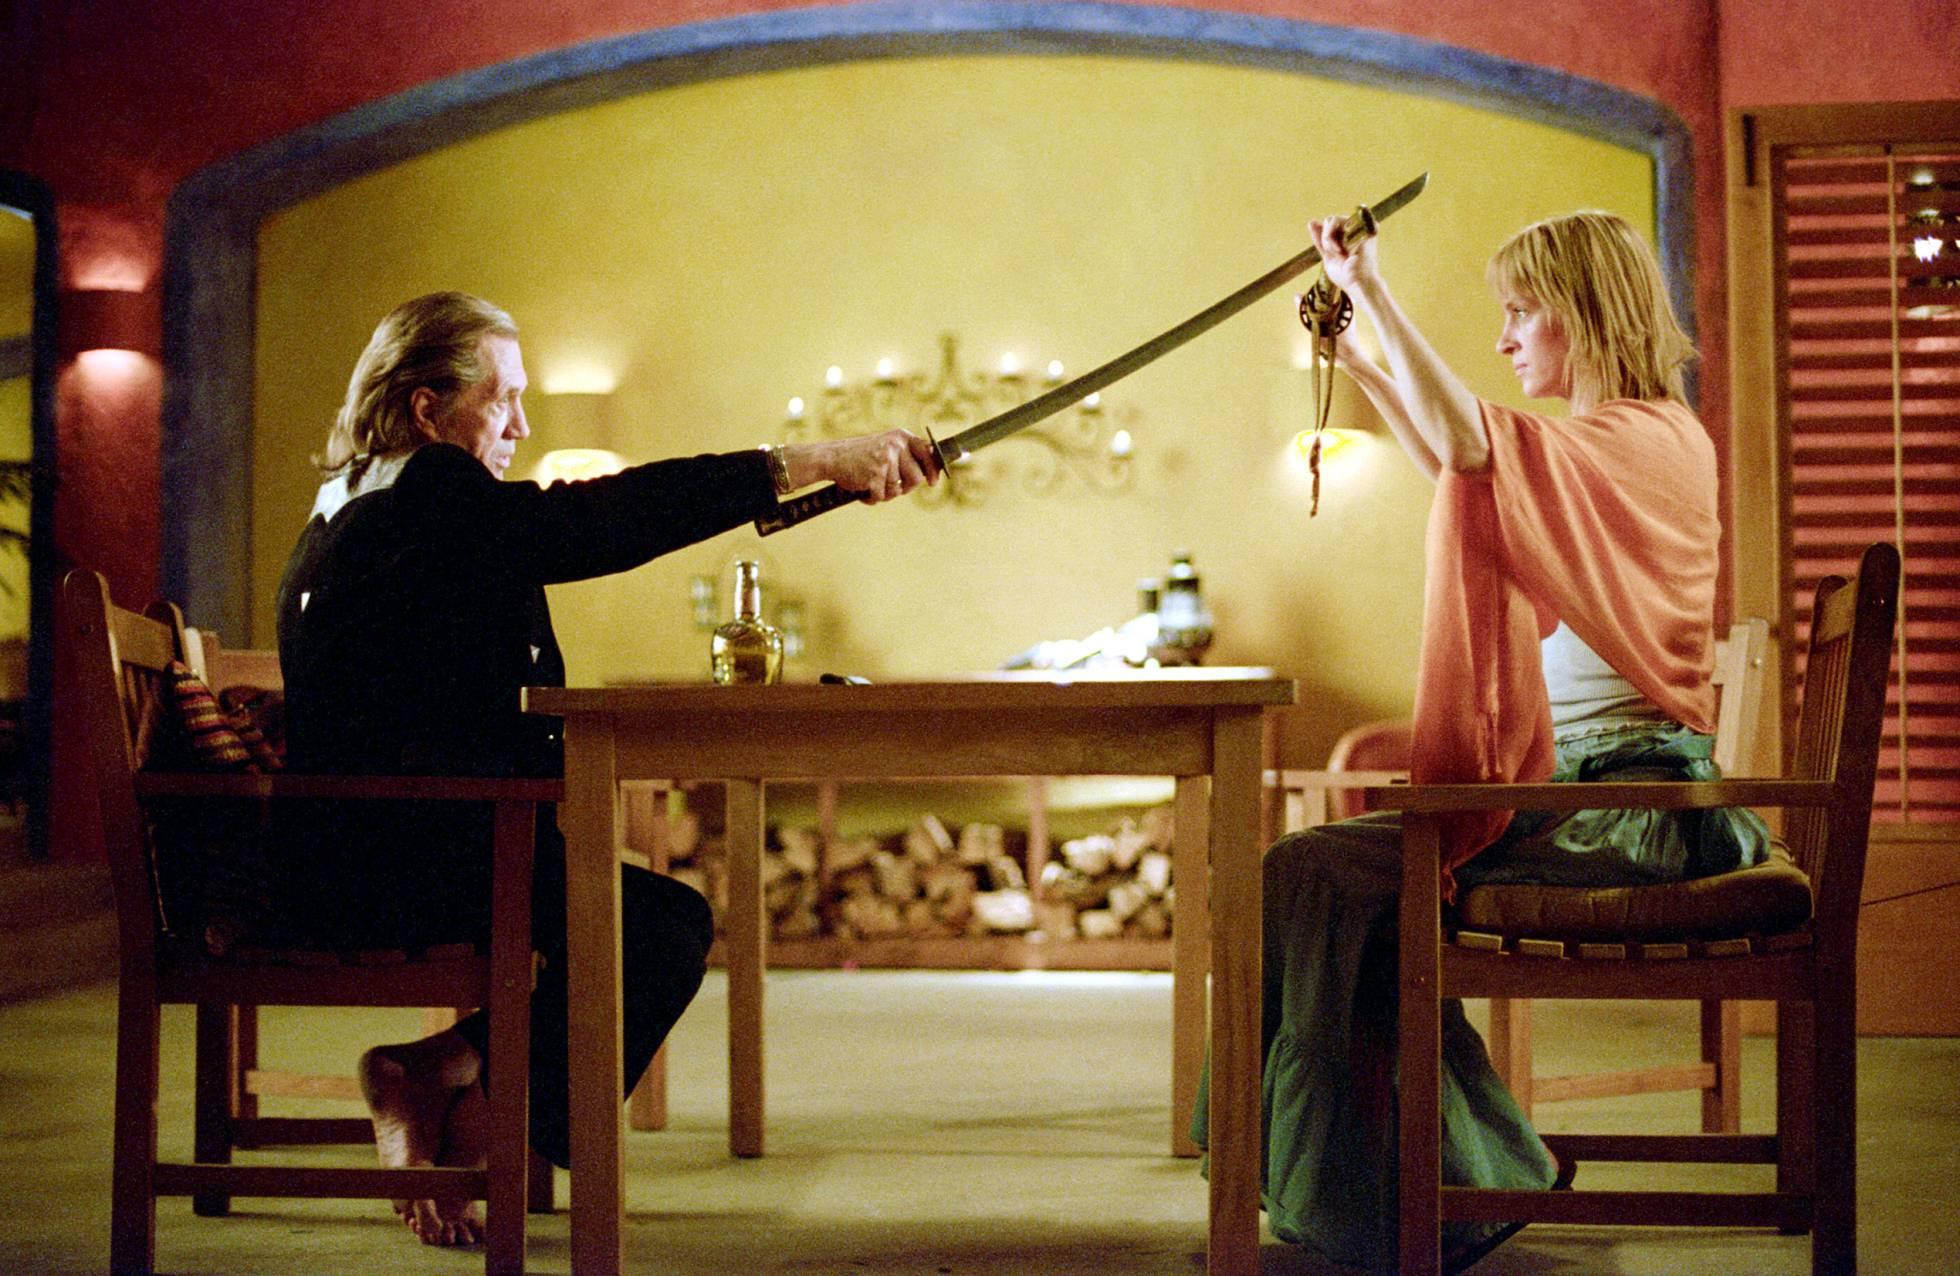 Moment de 'Kill Bill' en què Keith Carradine i Uma Thurman, enemics íntims (i molt violents), es troba a la fi cara a cara.'Kill Bill' en el que Keith Carradine y Uma Thurman, enemigos íntimos (y muy violentos), se encuentra al fin frente a frente.